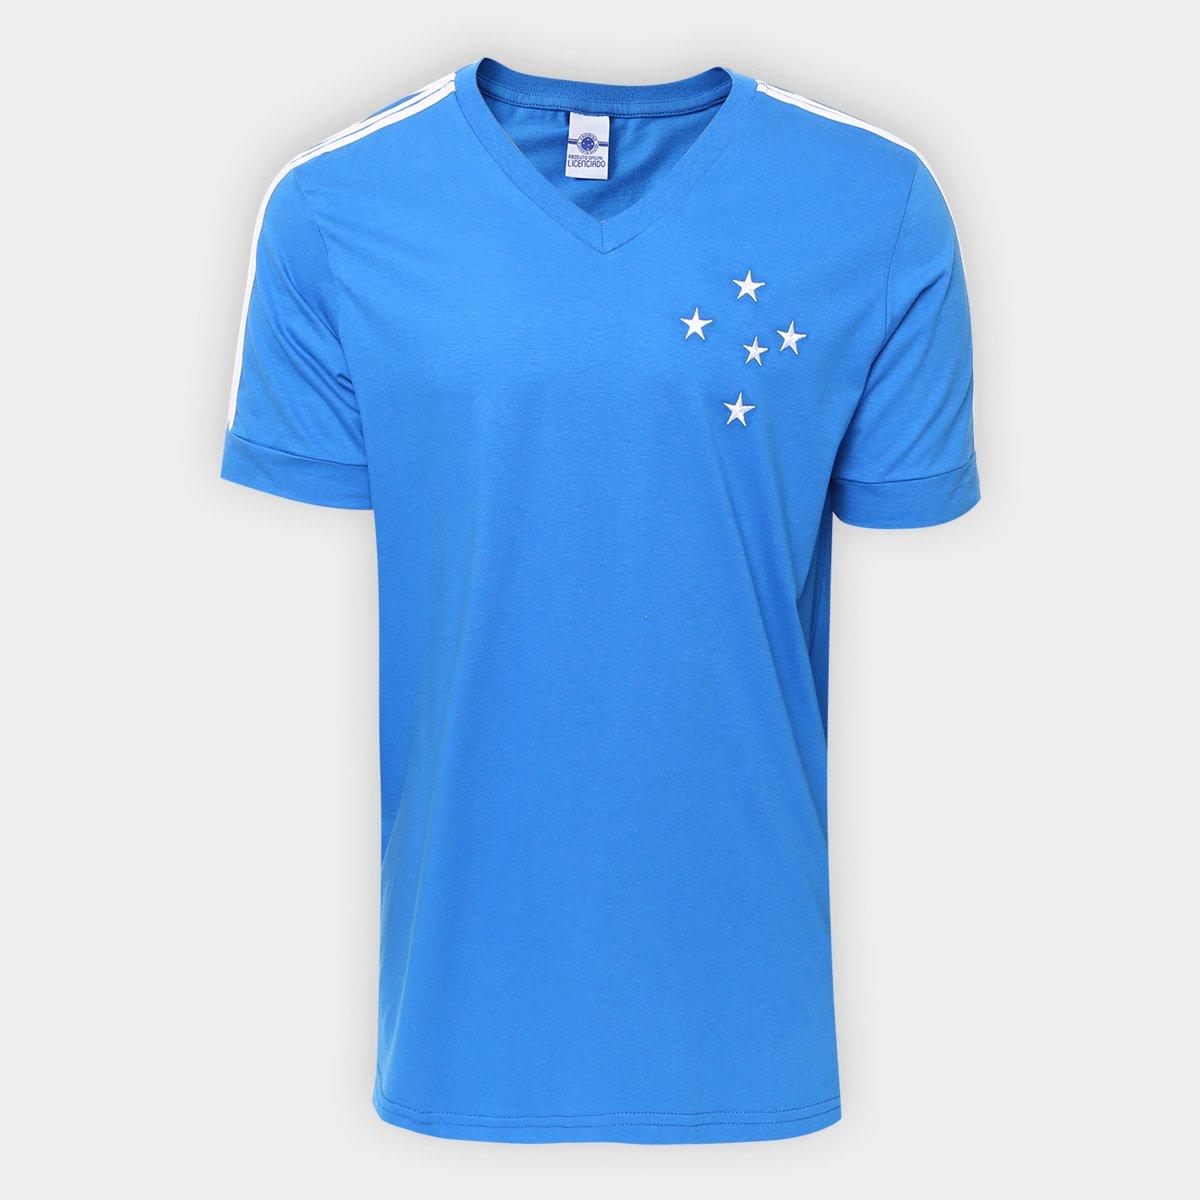 Compre Replica da Camisa Cruzeiro Online  131885eb08403